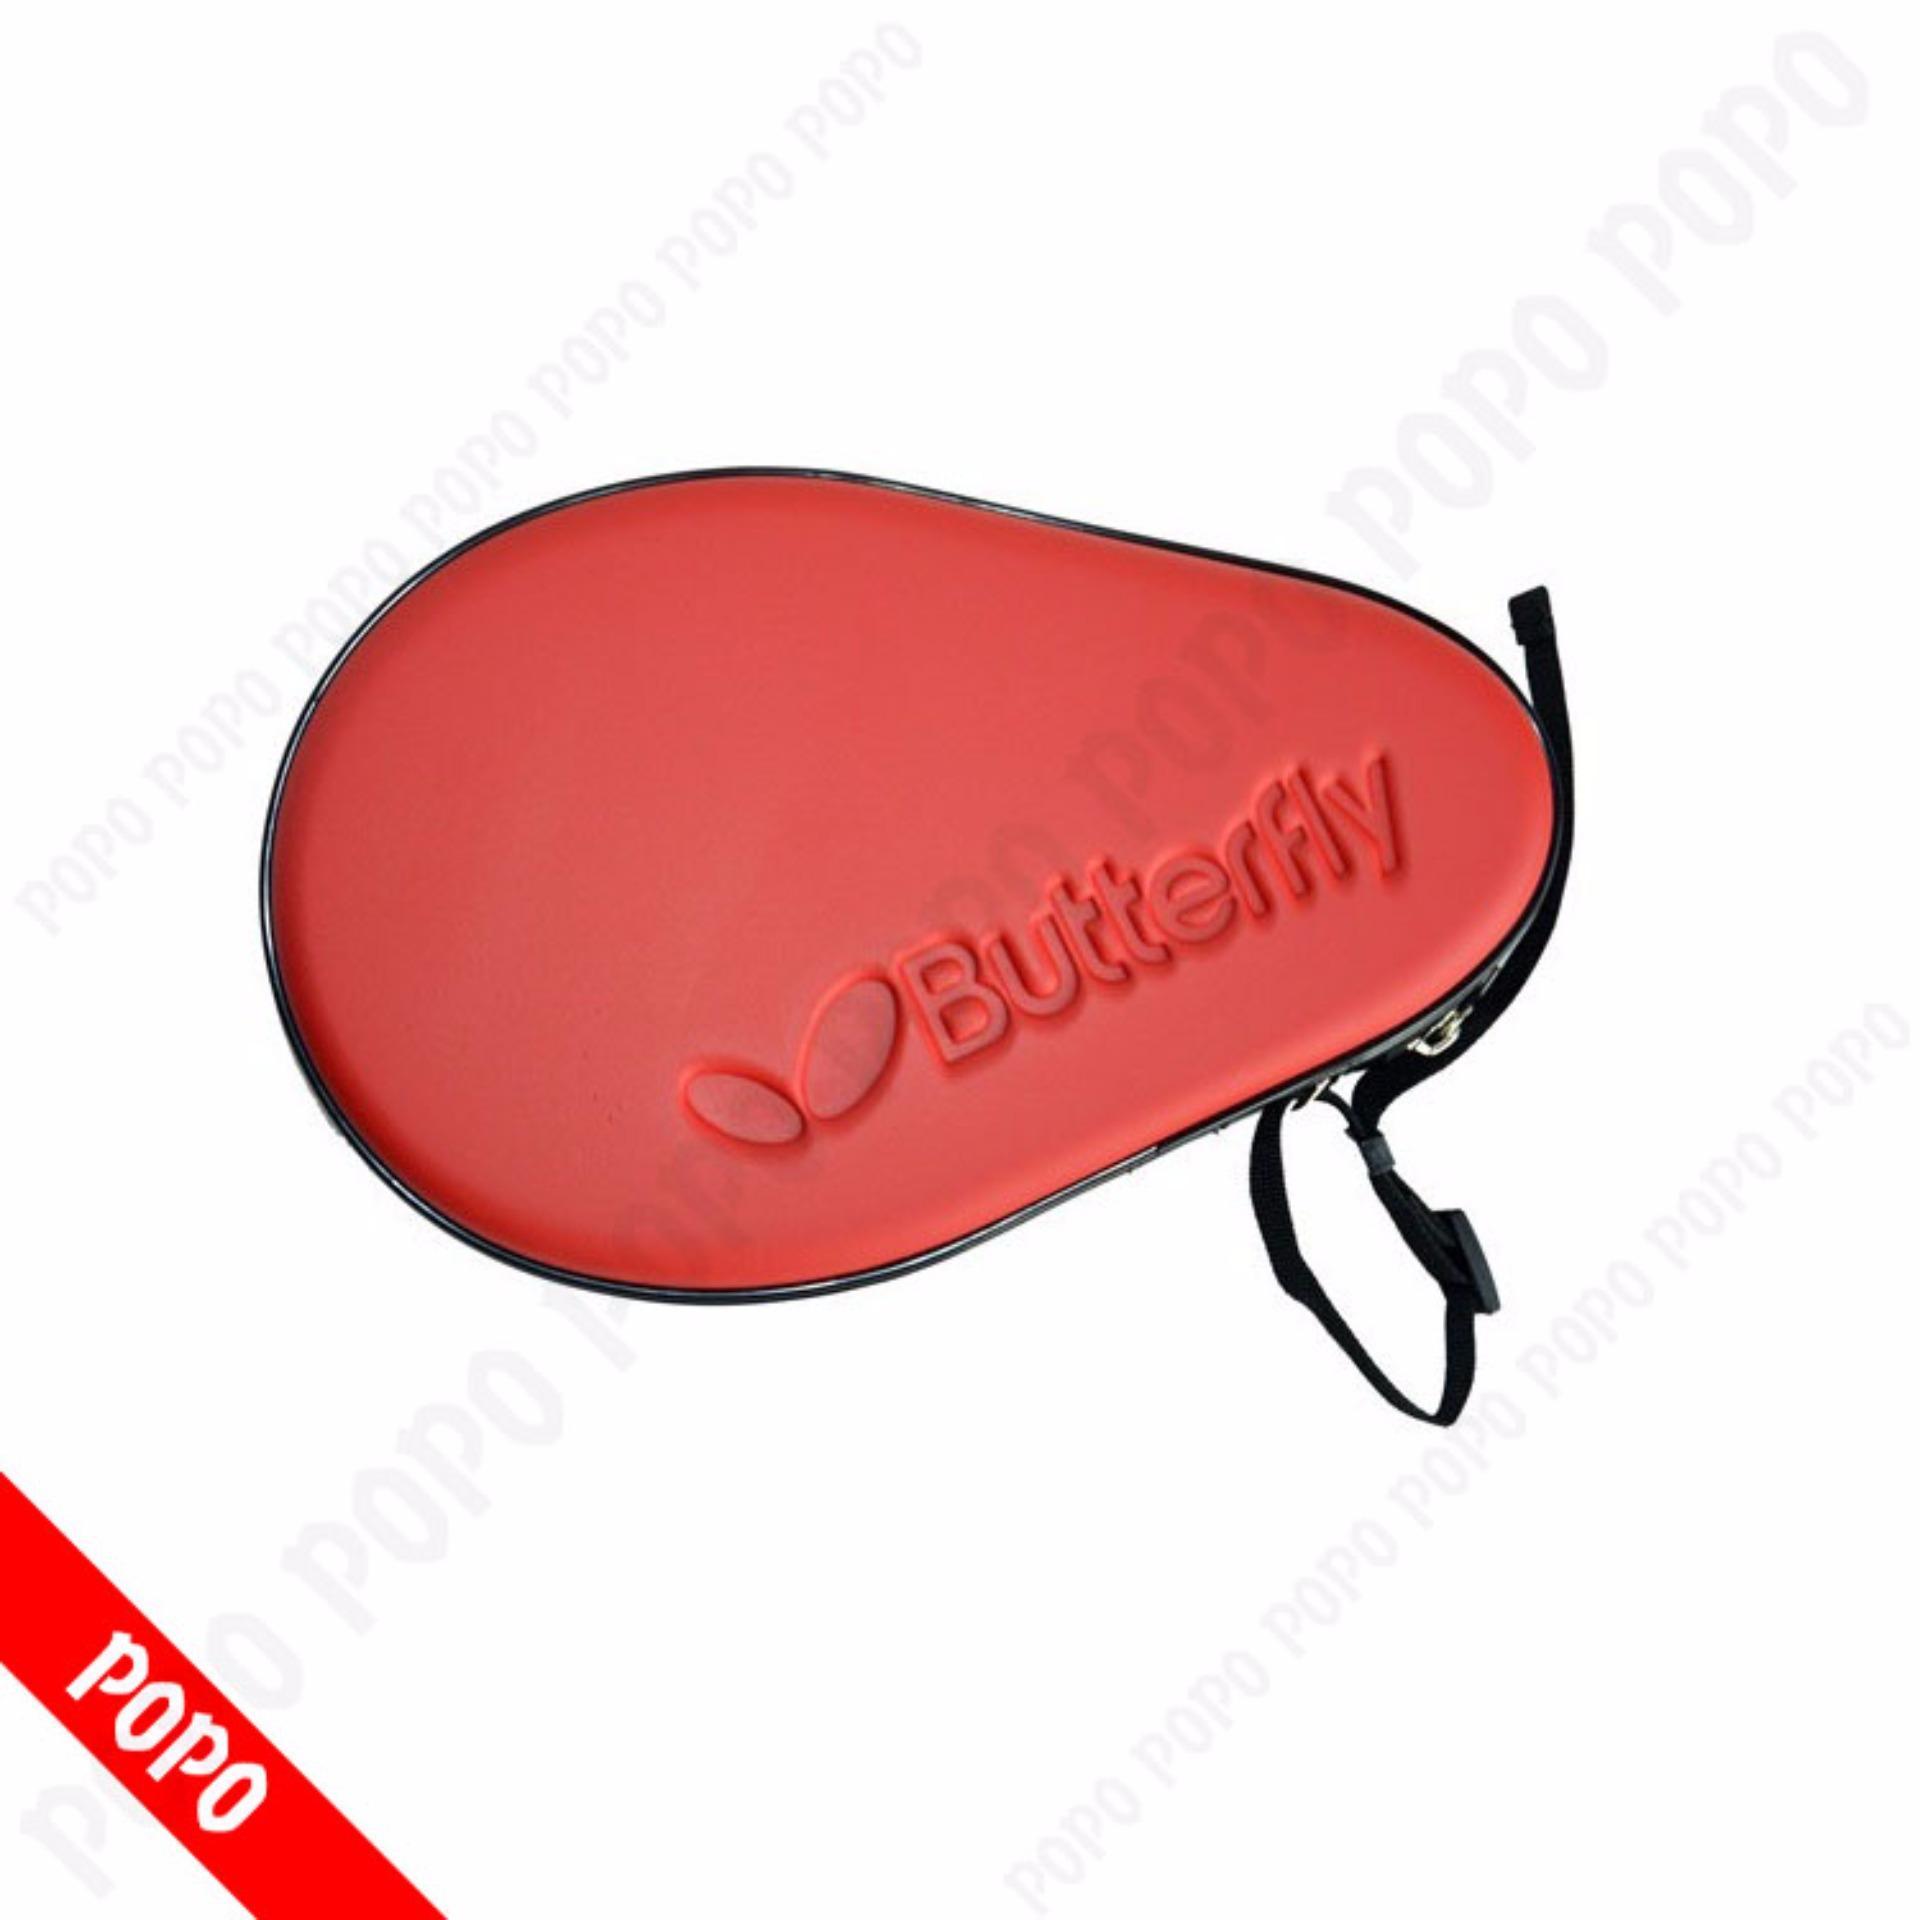 Bao đựng vợt bóng bàn, túi đựng vợt bóng bàn cứng cáp bảo vệ tuyệt đối vợt; chất liệu cao cấp  POPO Sports 9